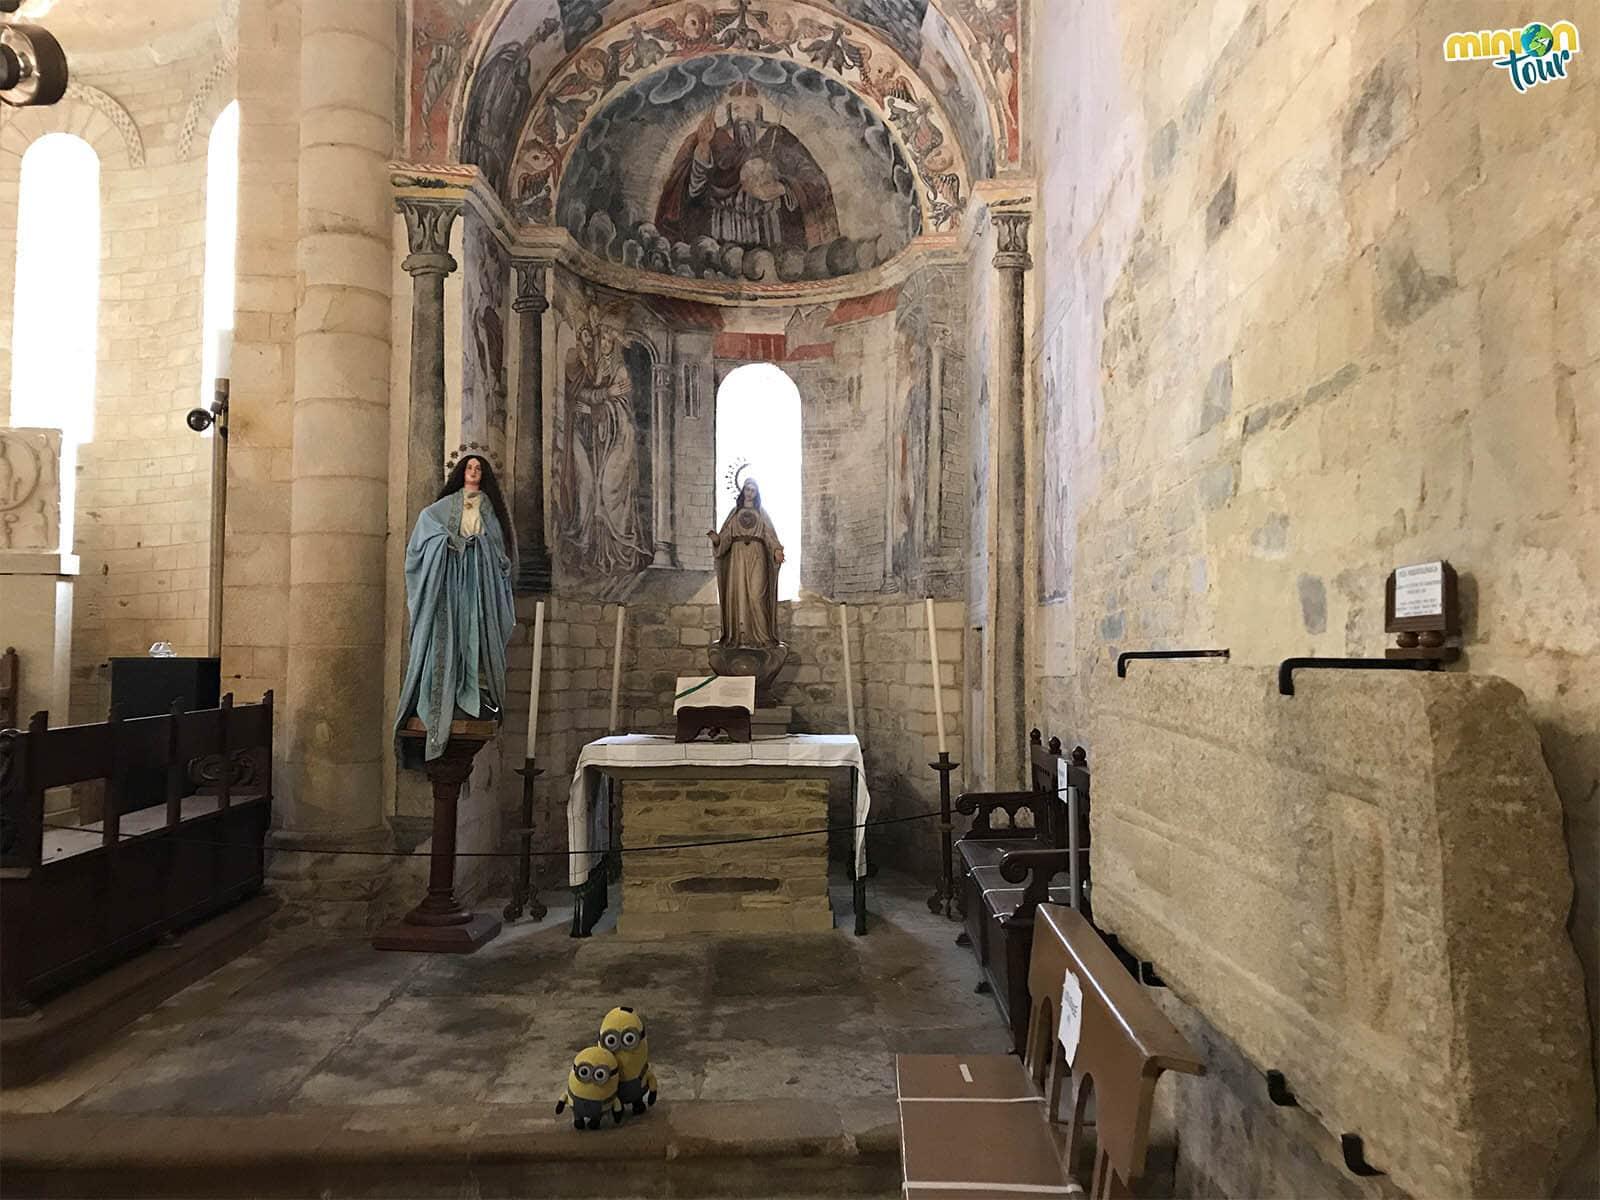 Estamos alucinando con las pinturas románicas más antiguas de Galicia